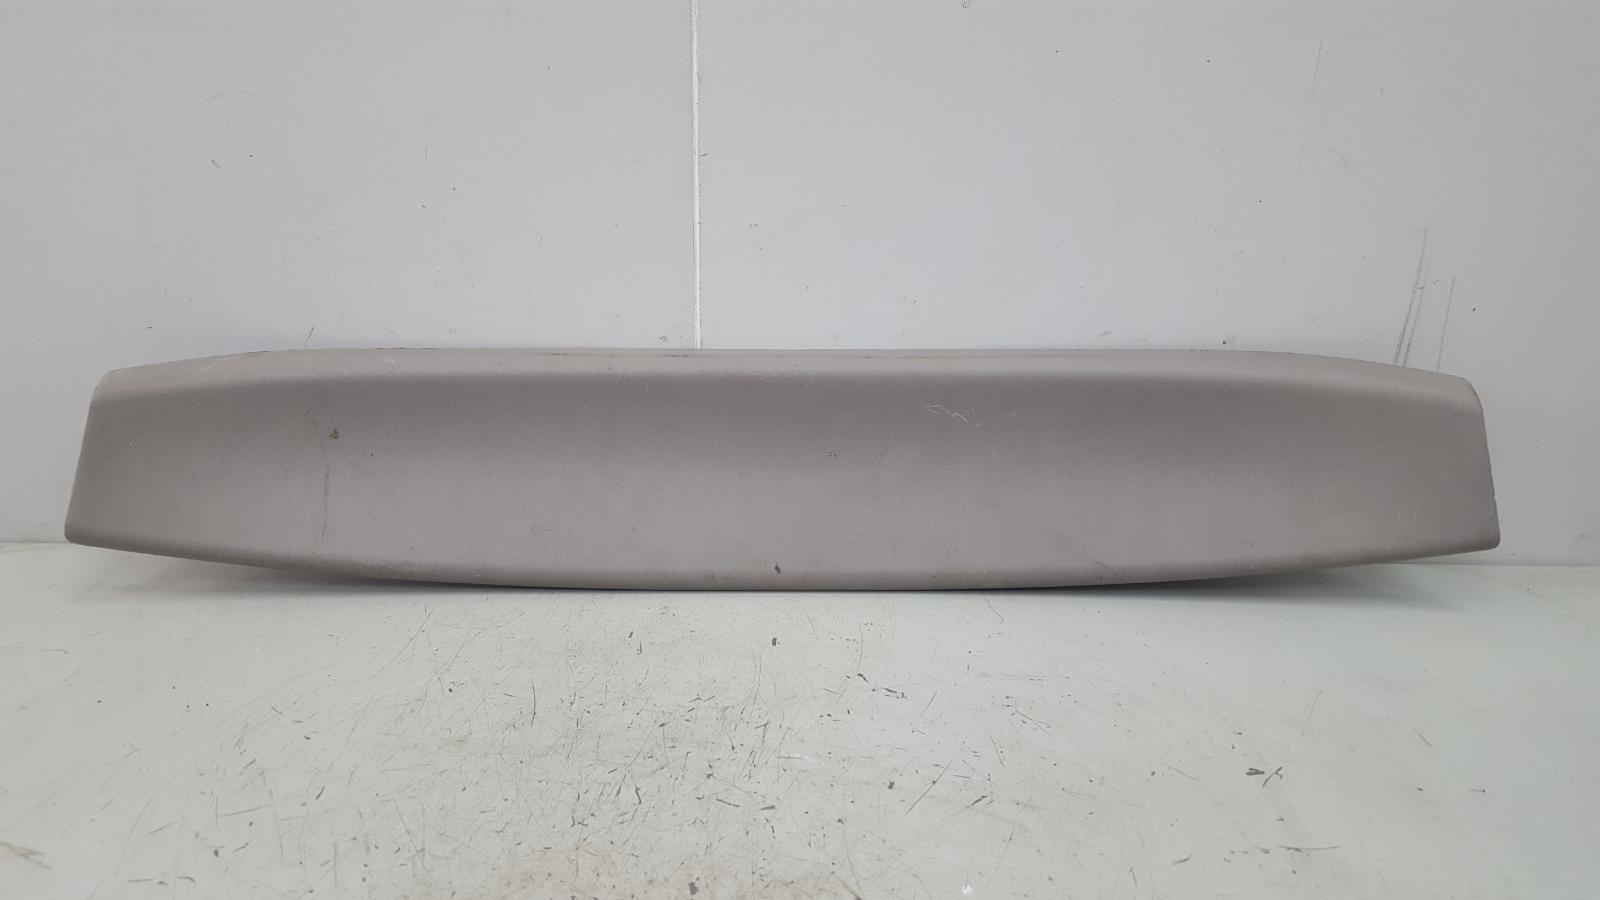 Пластик салона Toyota Corolla Spacio AE115 7A-FE 1.8Л 1999